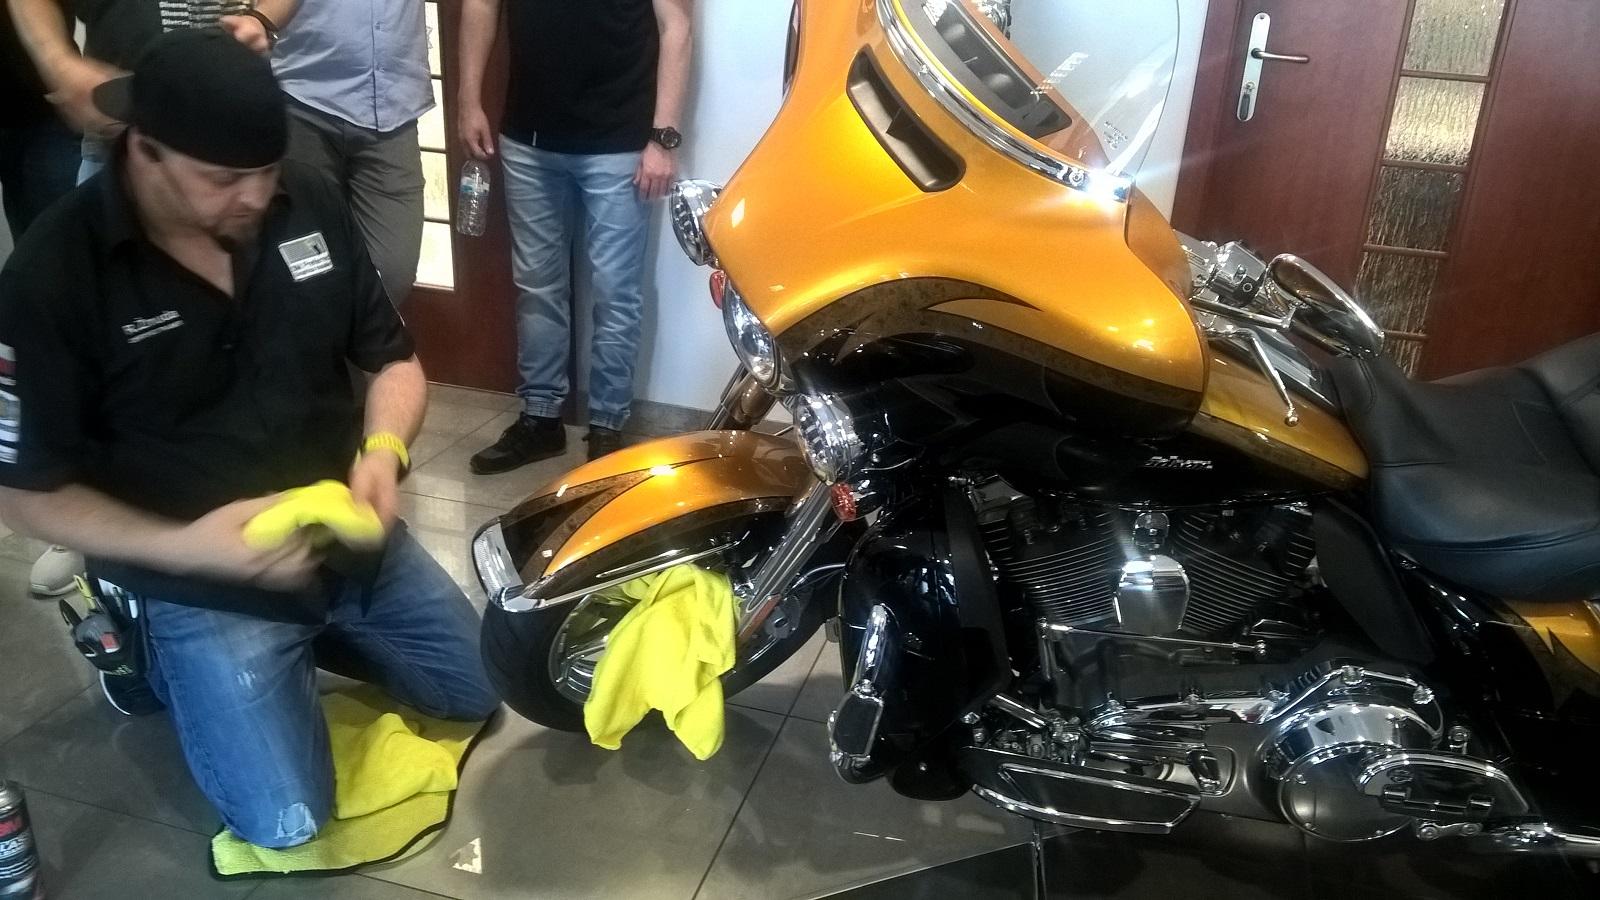 Mistrz Rafał Żmuda w akcji - zabezpieczenie motocykla prezesa firmy integart